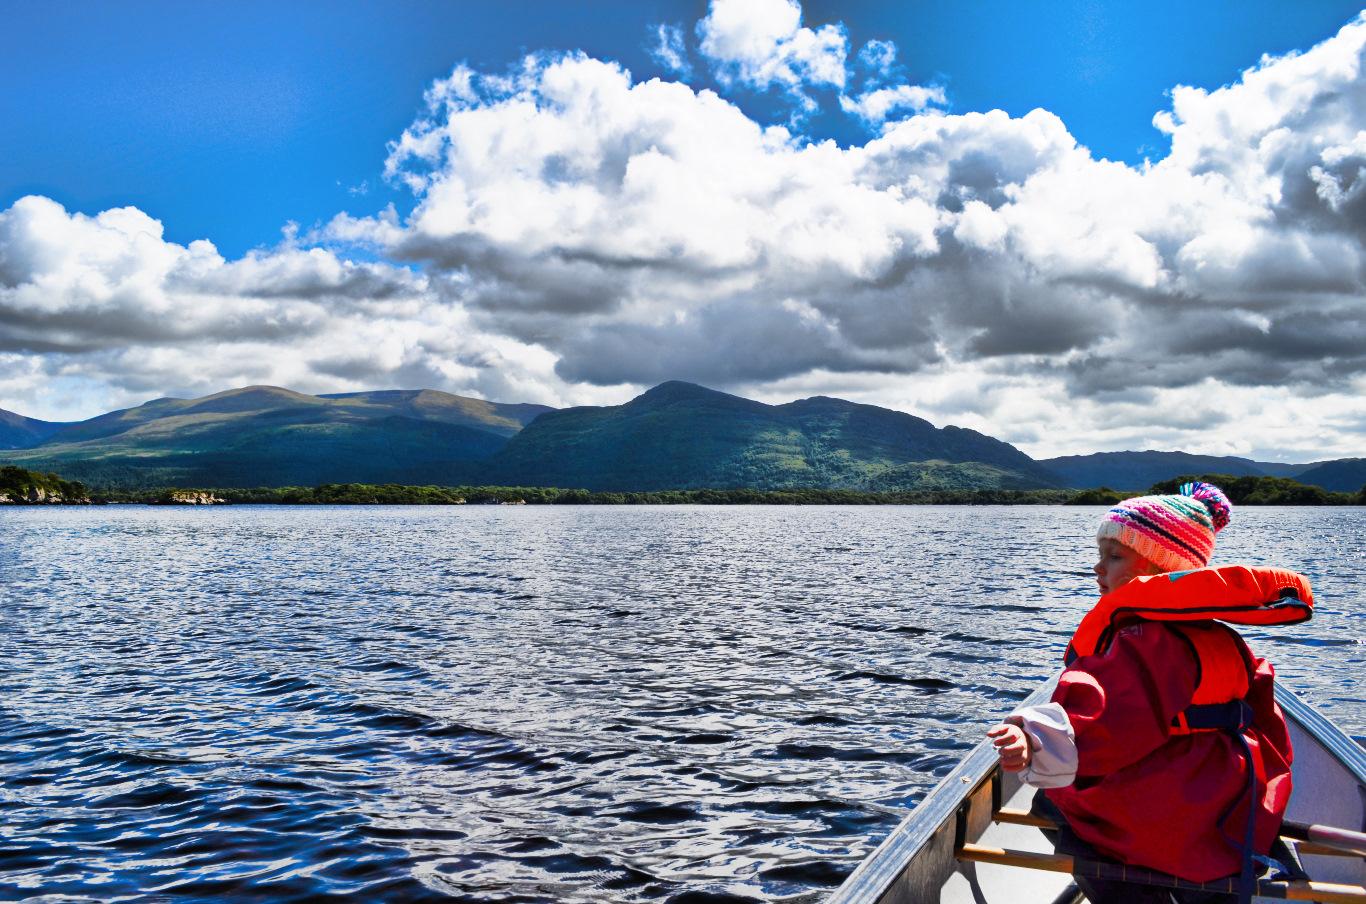 Kayaking in Killarney National Park